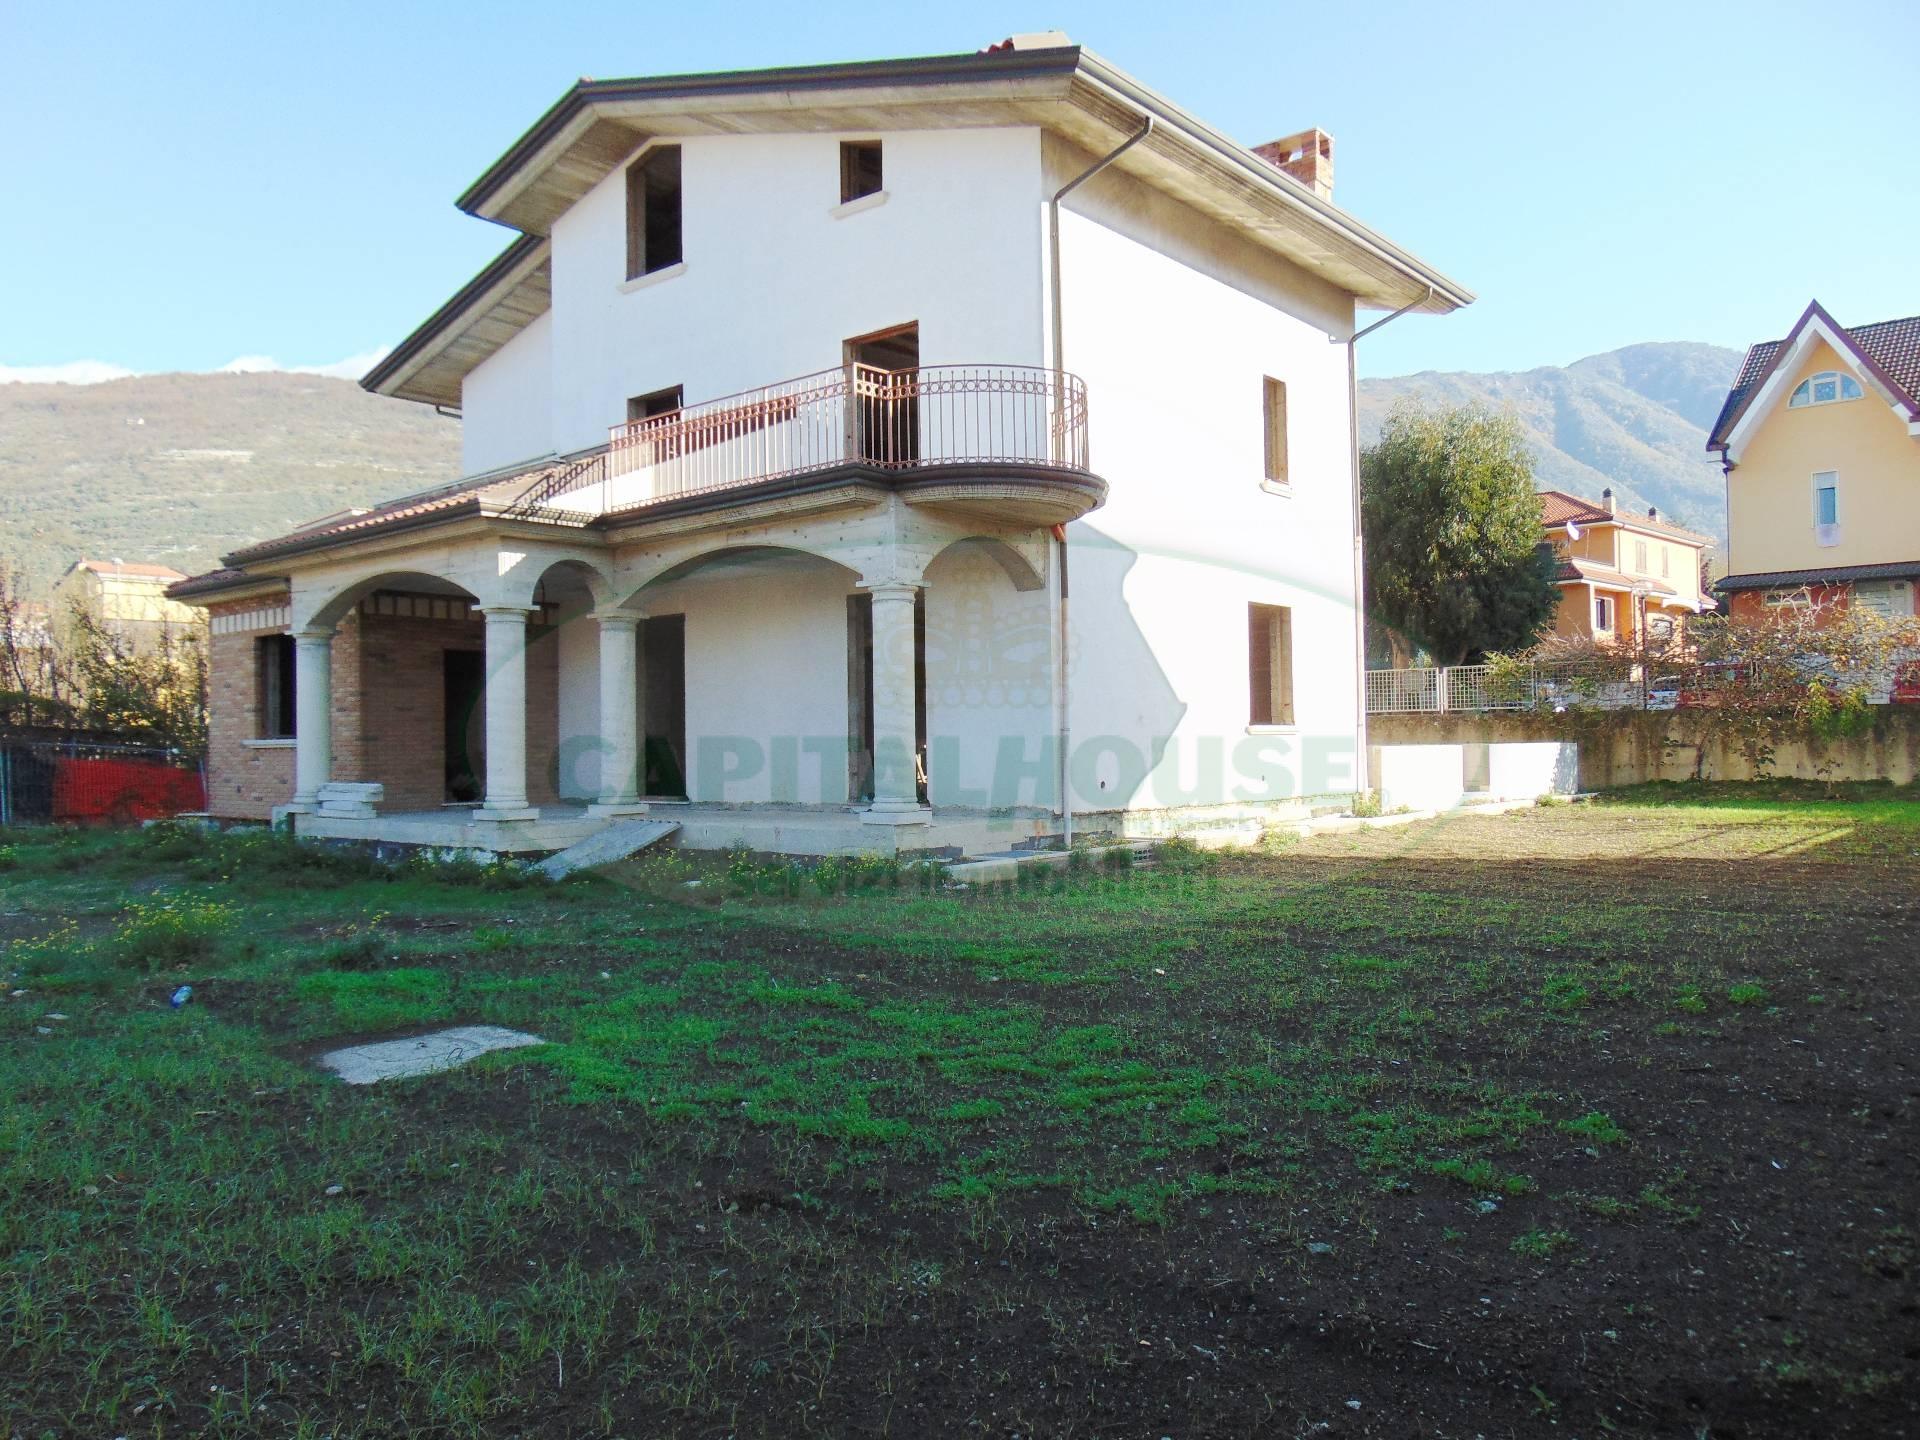 Villa in vendita a Sirignano, 10 locali, Trattative riservate | CambioCasa.it